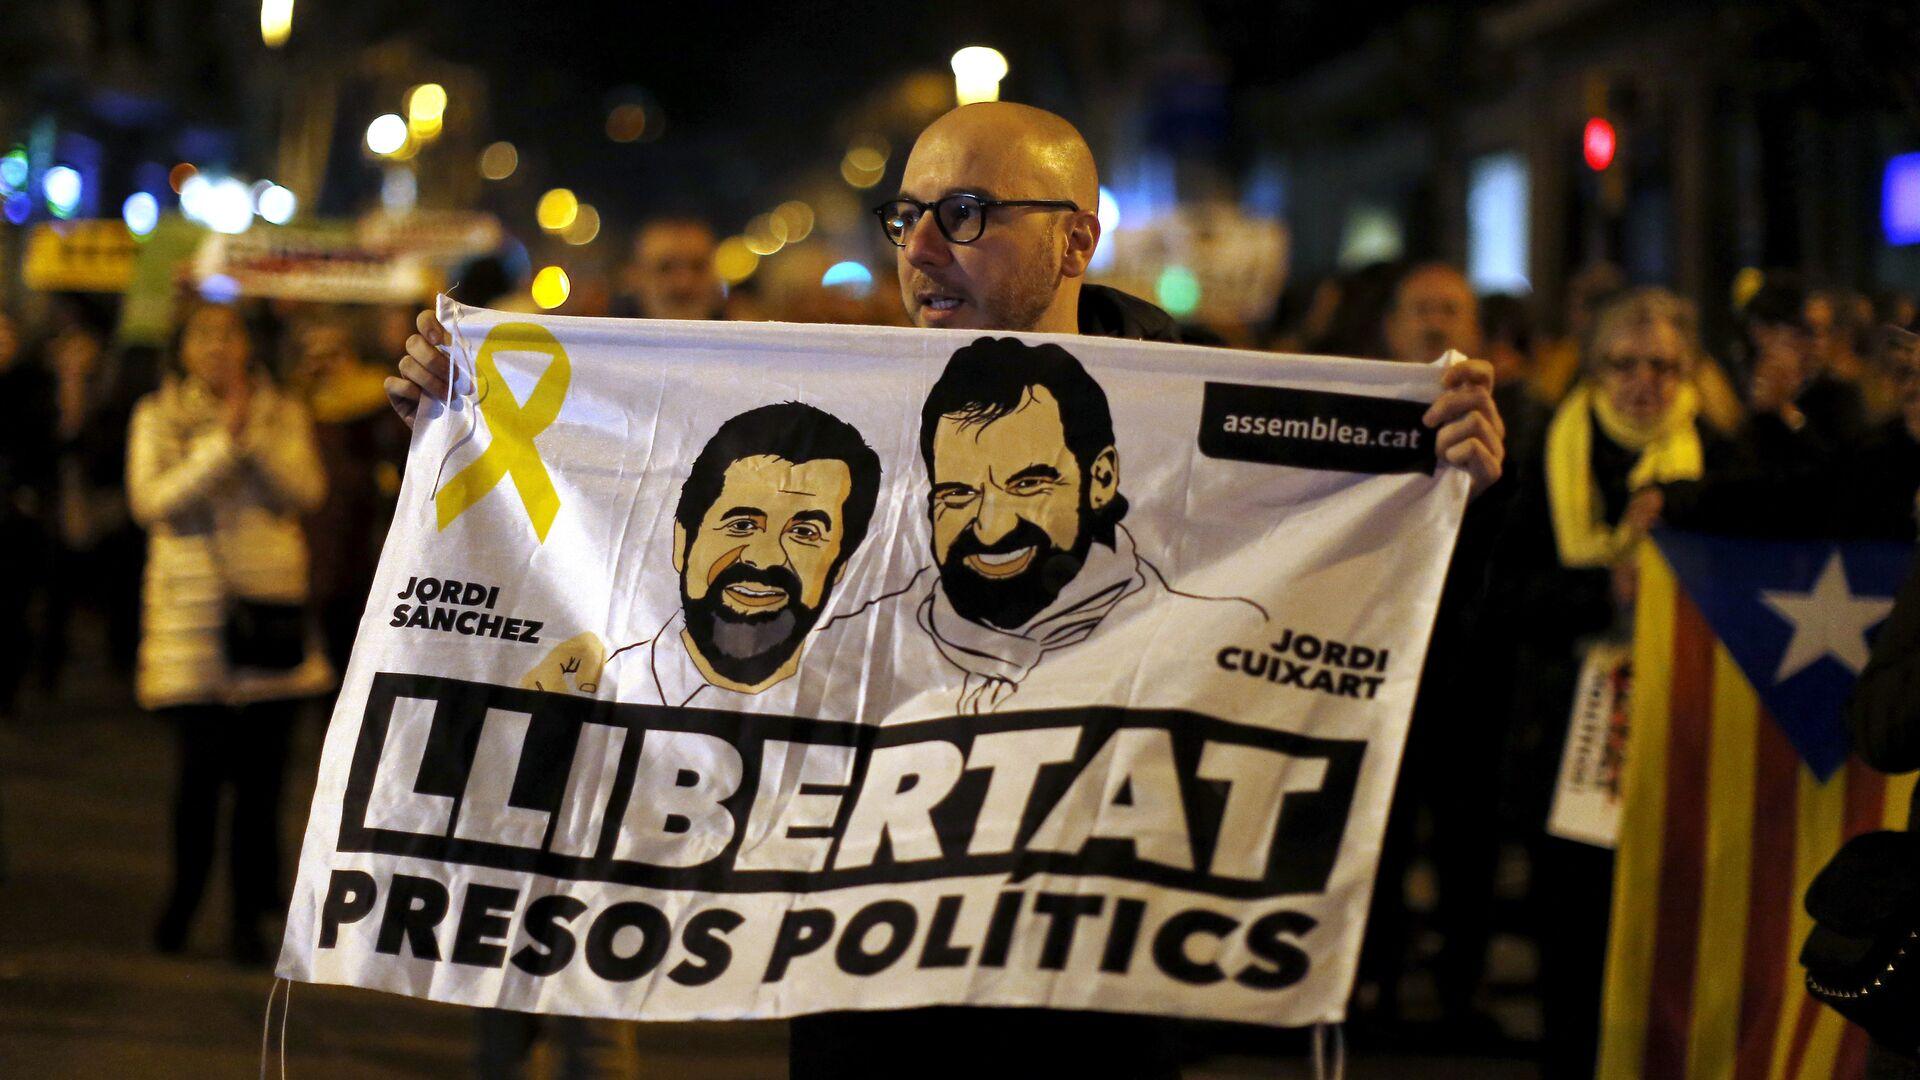 Los catalanes exigen la libertad de presos políticos Jordi Sánchez y Jordi Cuixart - Sputnik Mundo, 1920, 09.06.2021